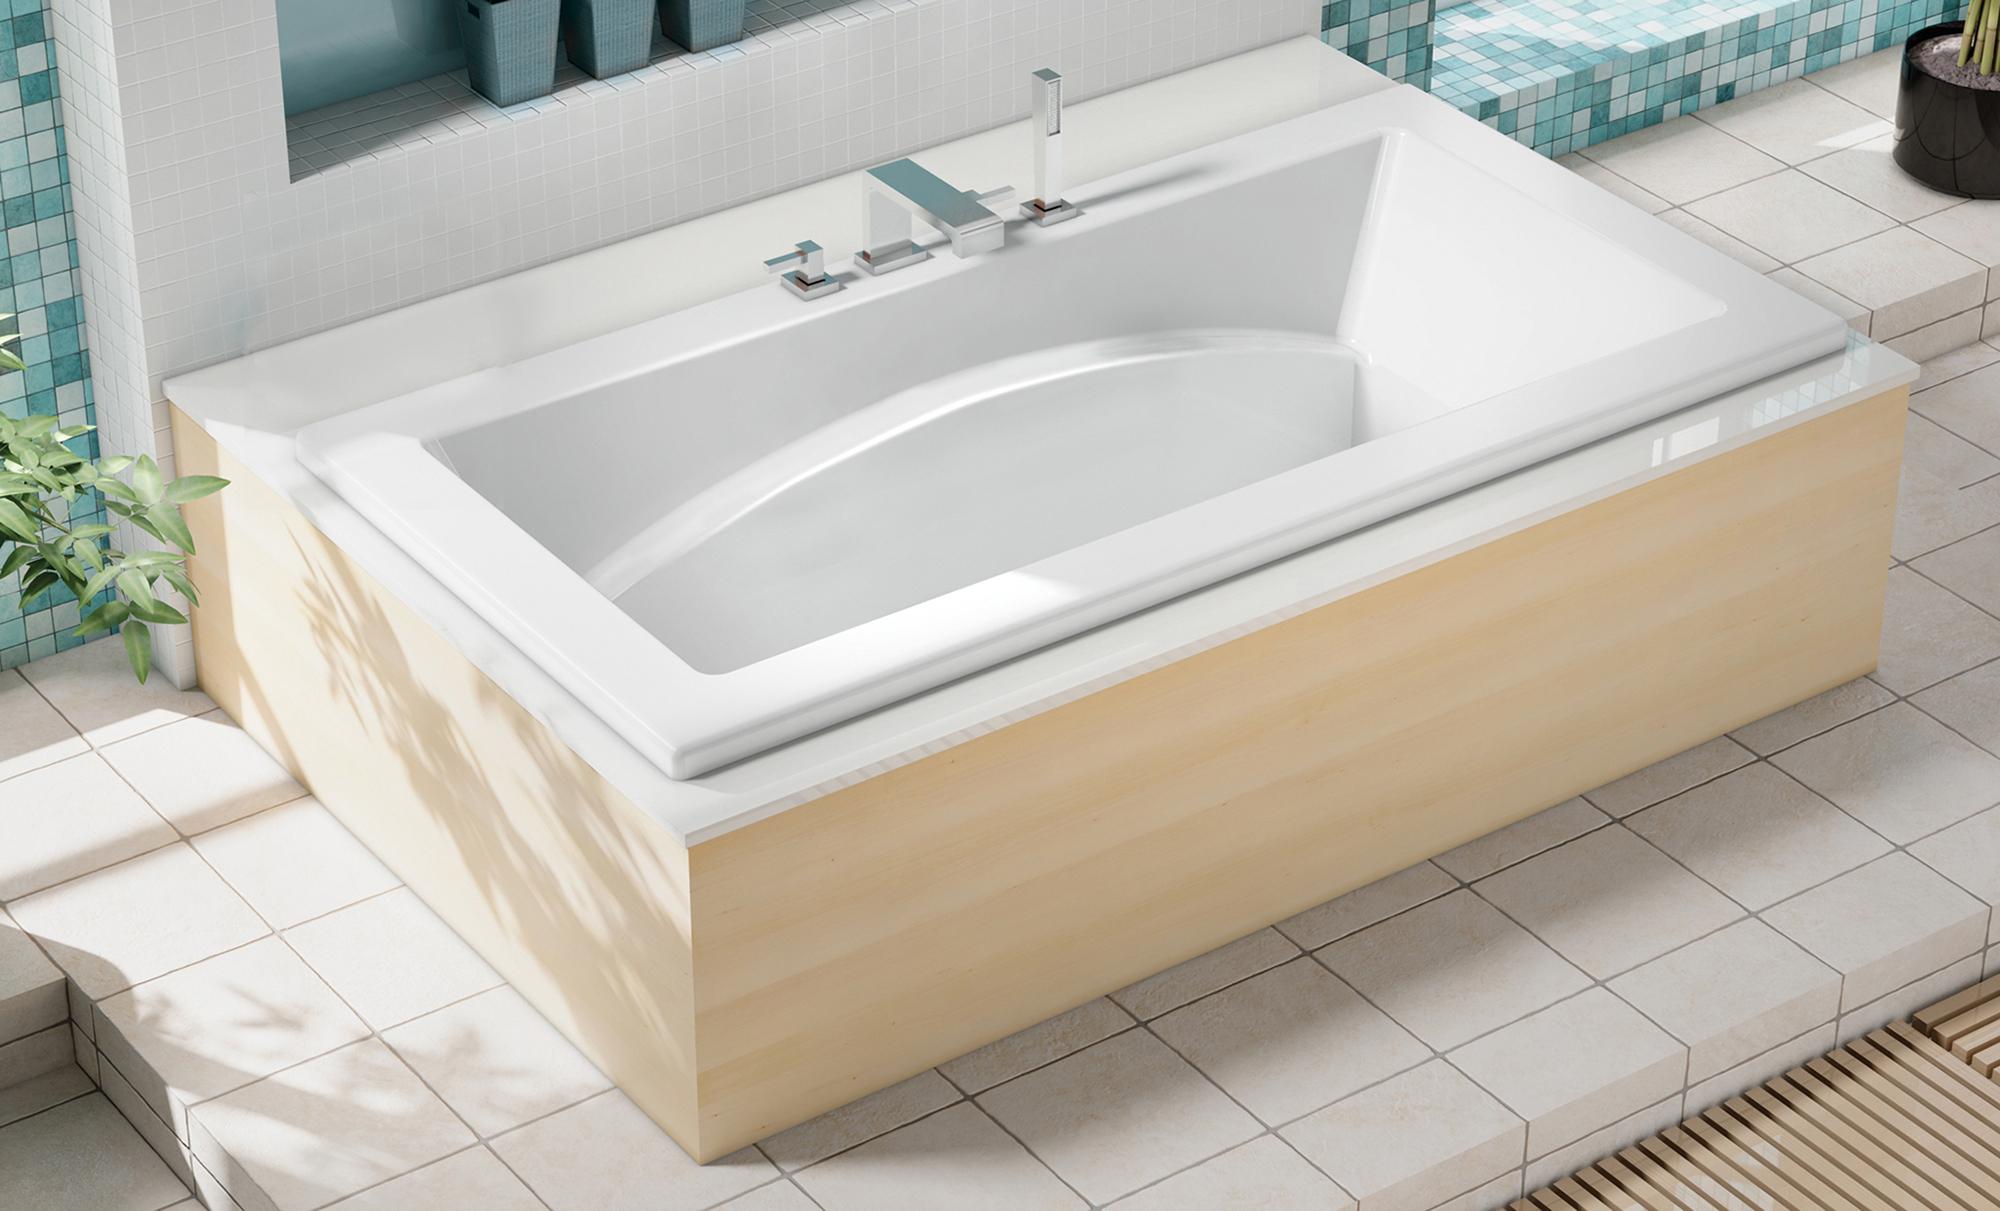 Bain décor matane   plomberie et accessoires de salle de bain